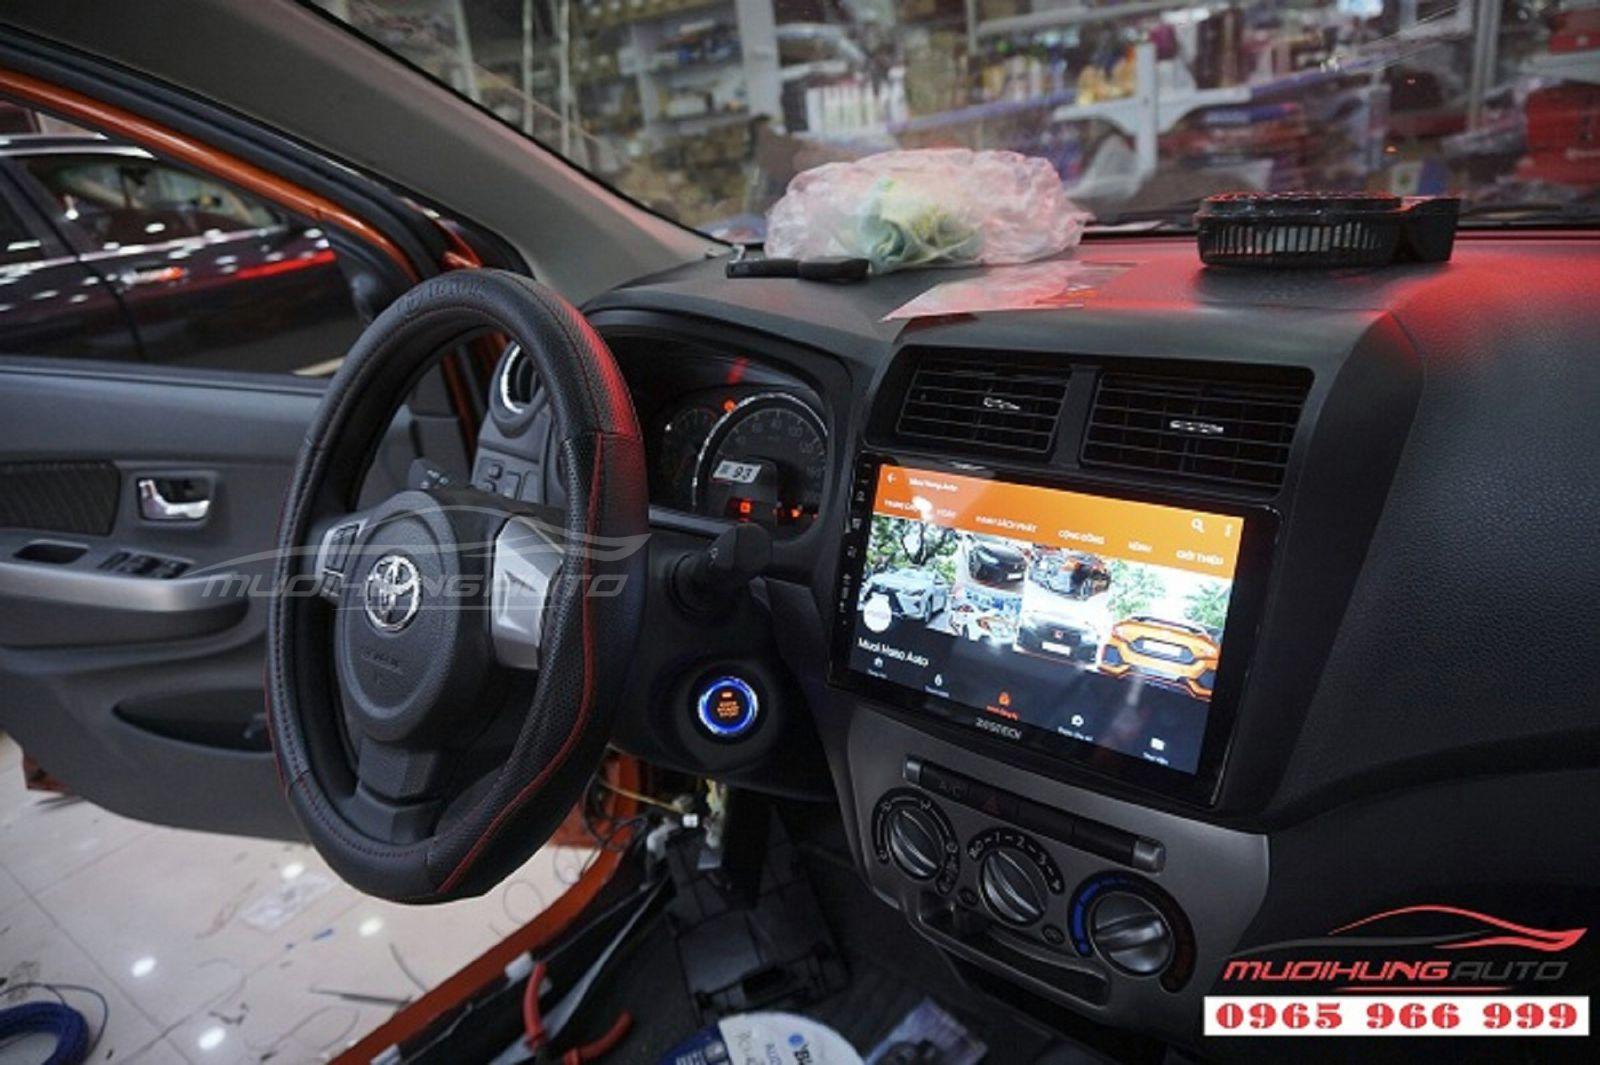 DVD Zestech Z500 chính hãng cho xe Toyota Wigo 04